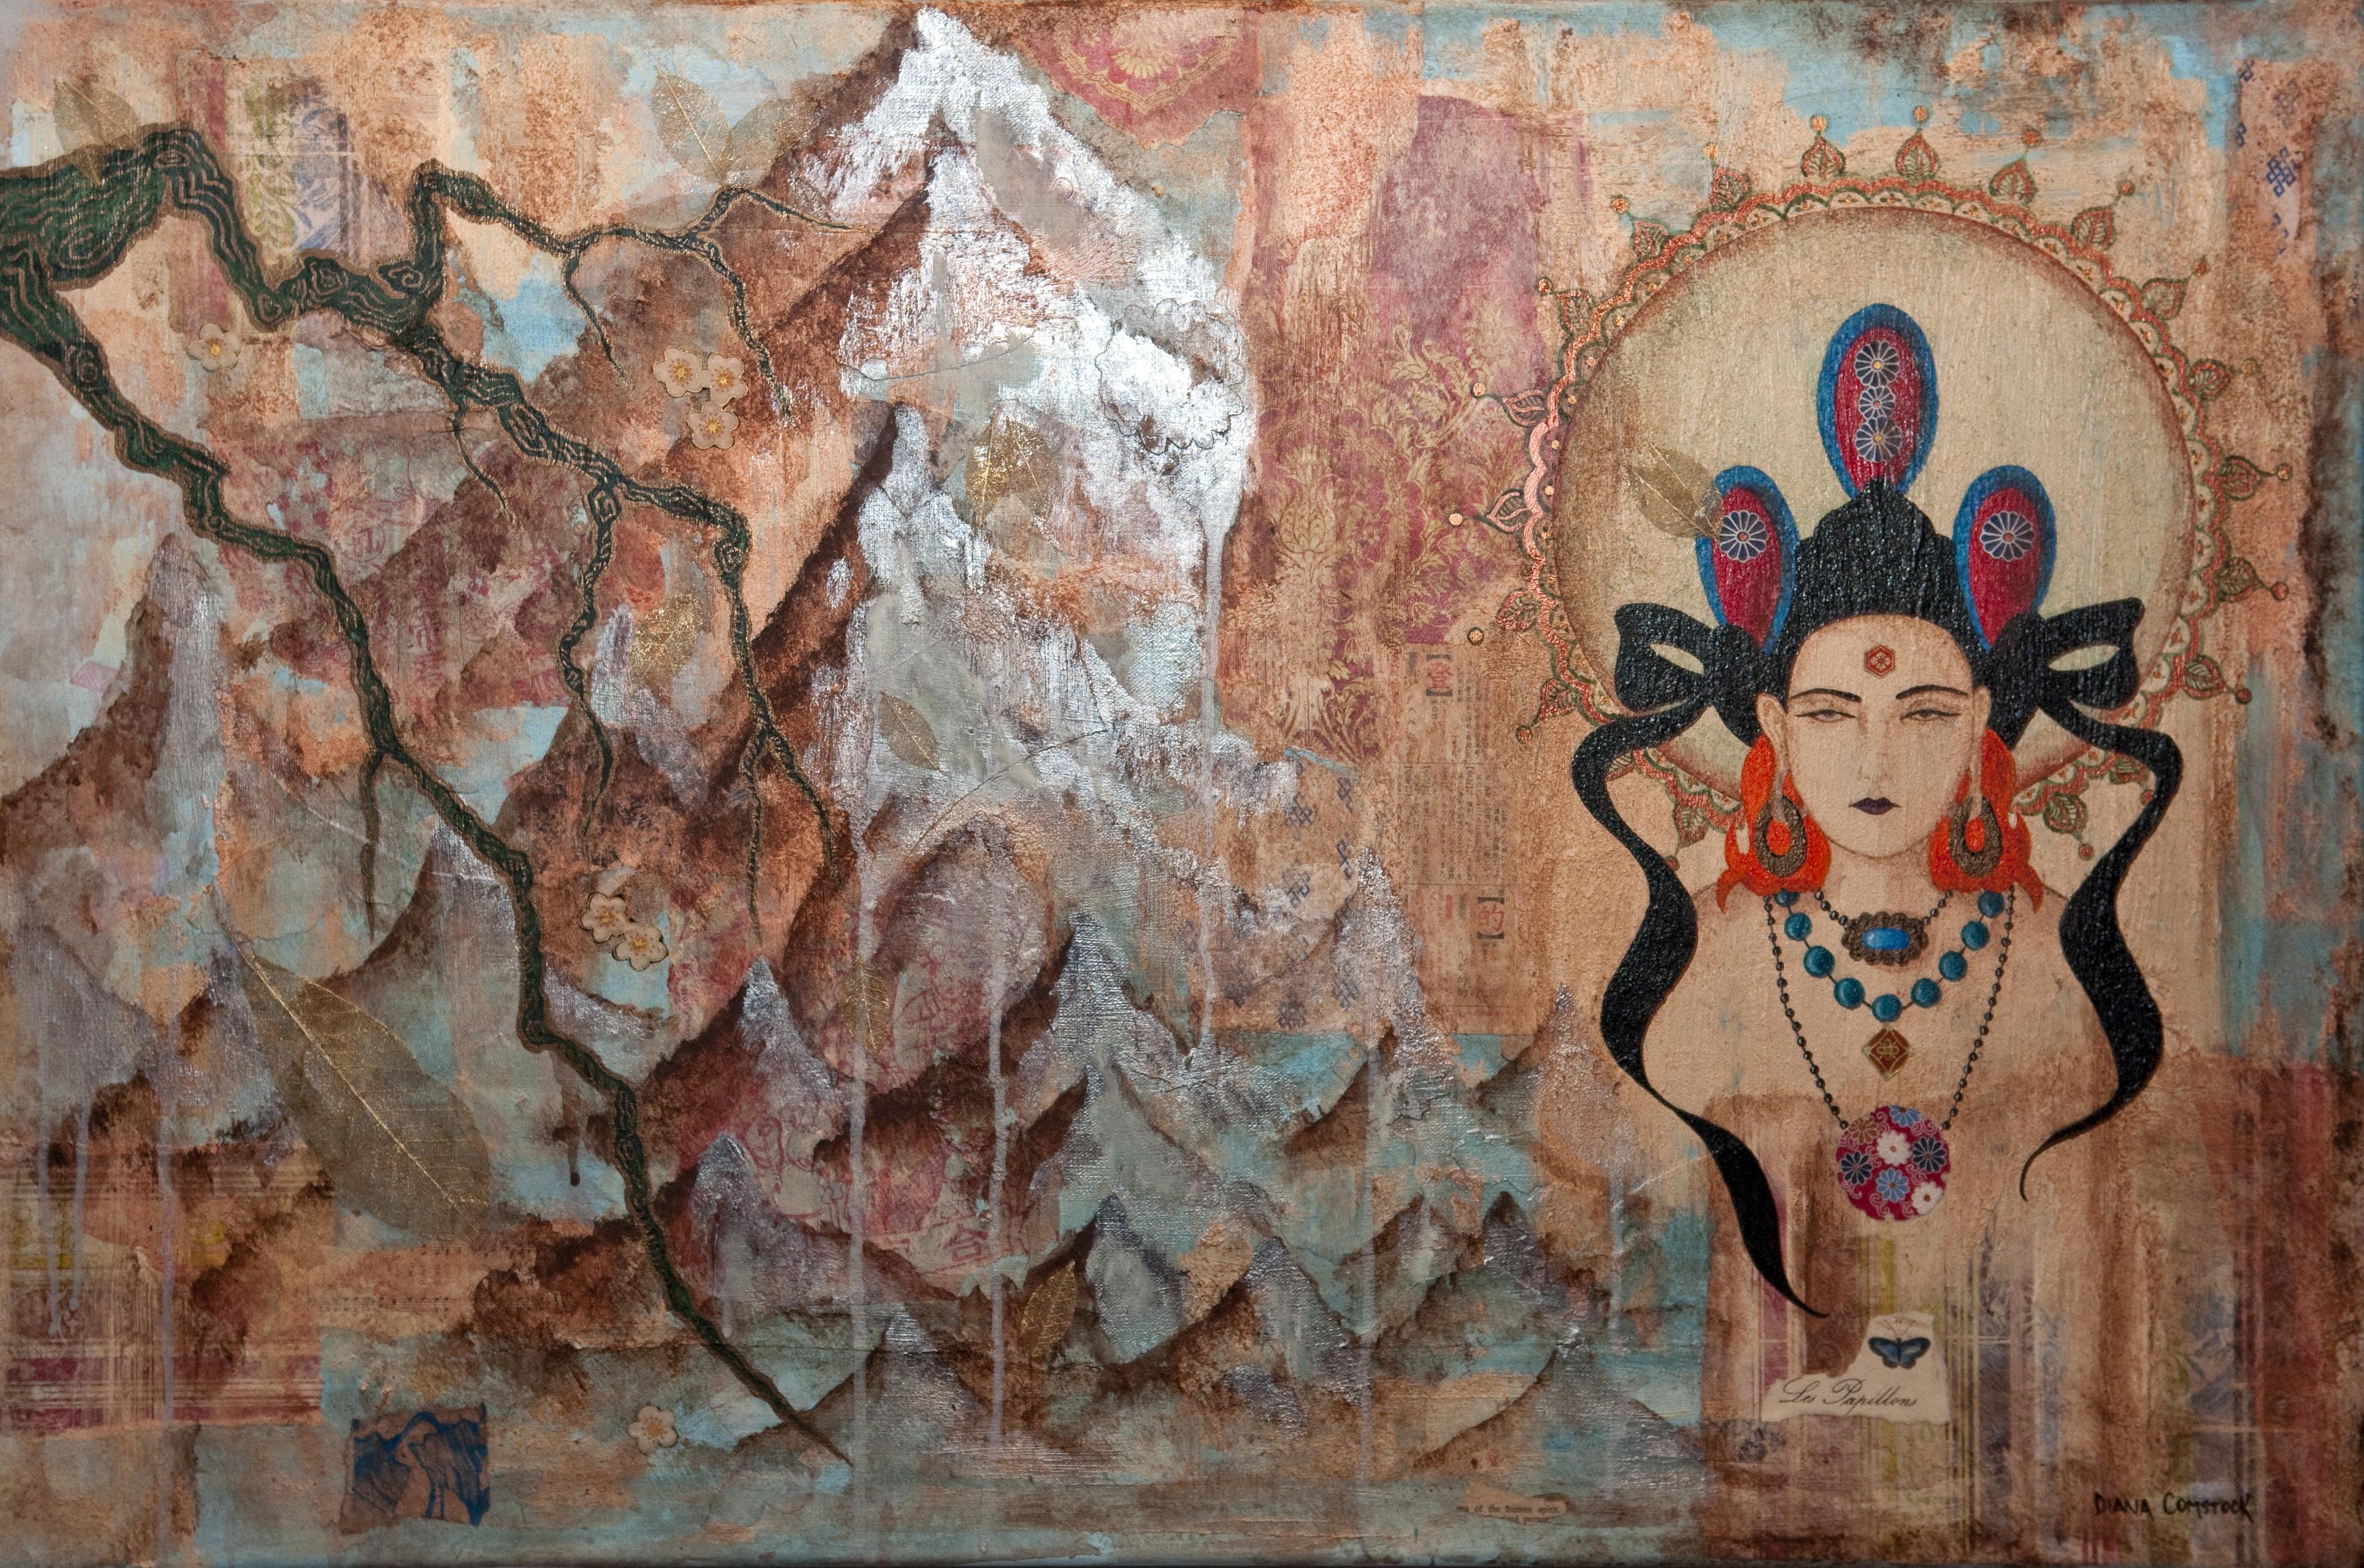 Tibetan Queen